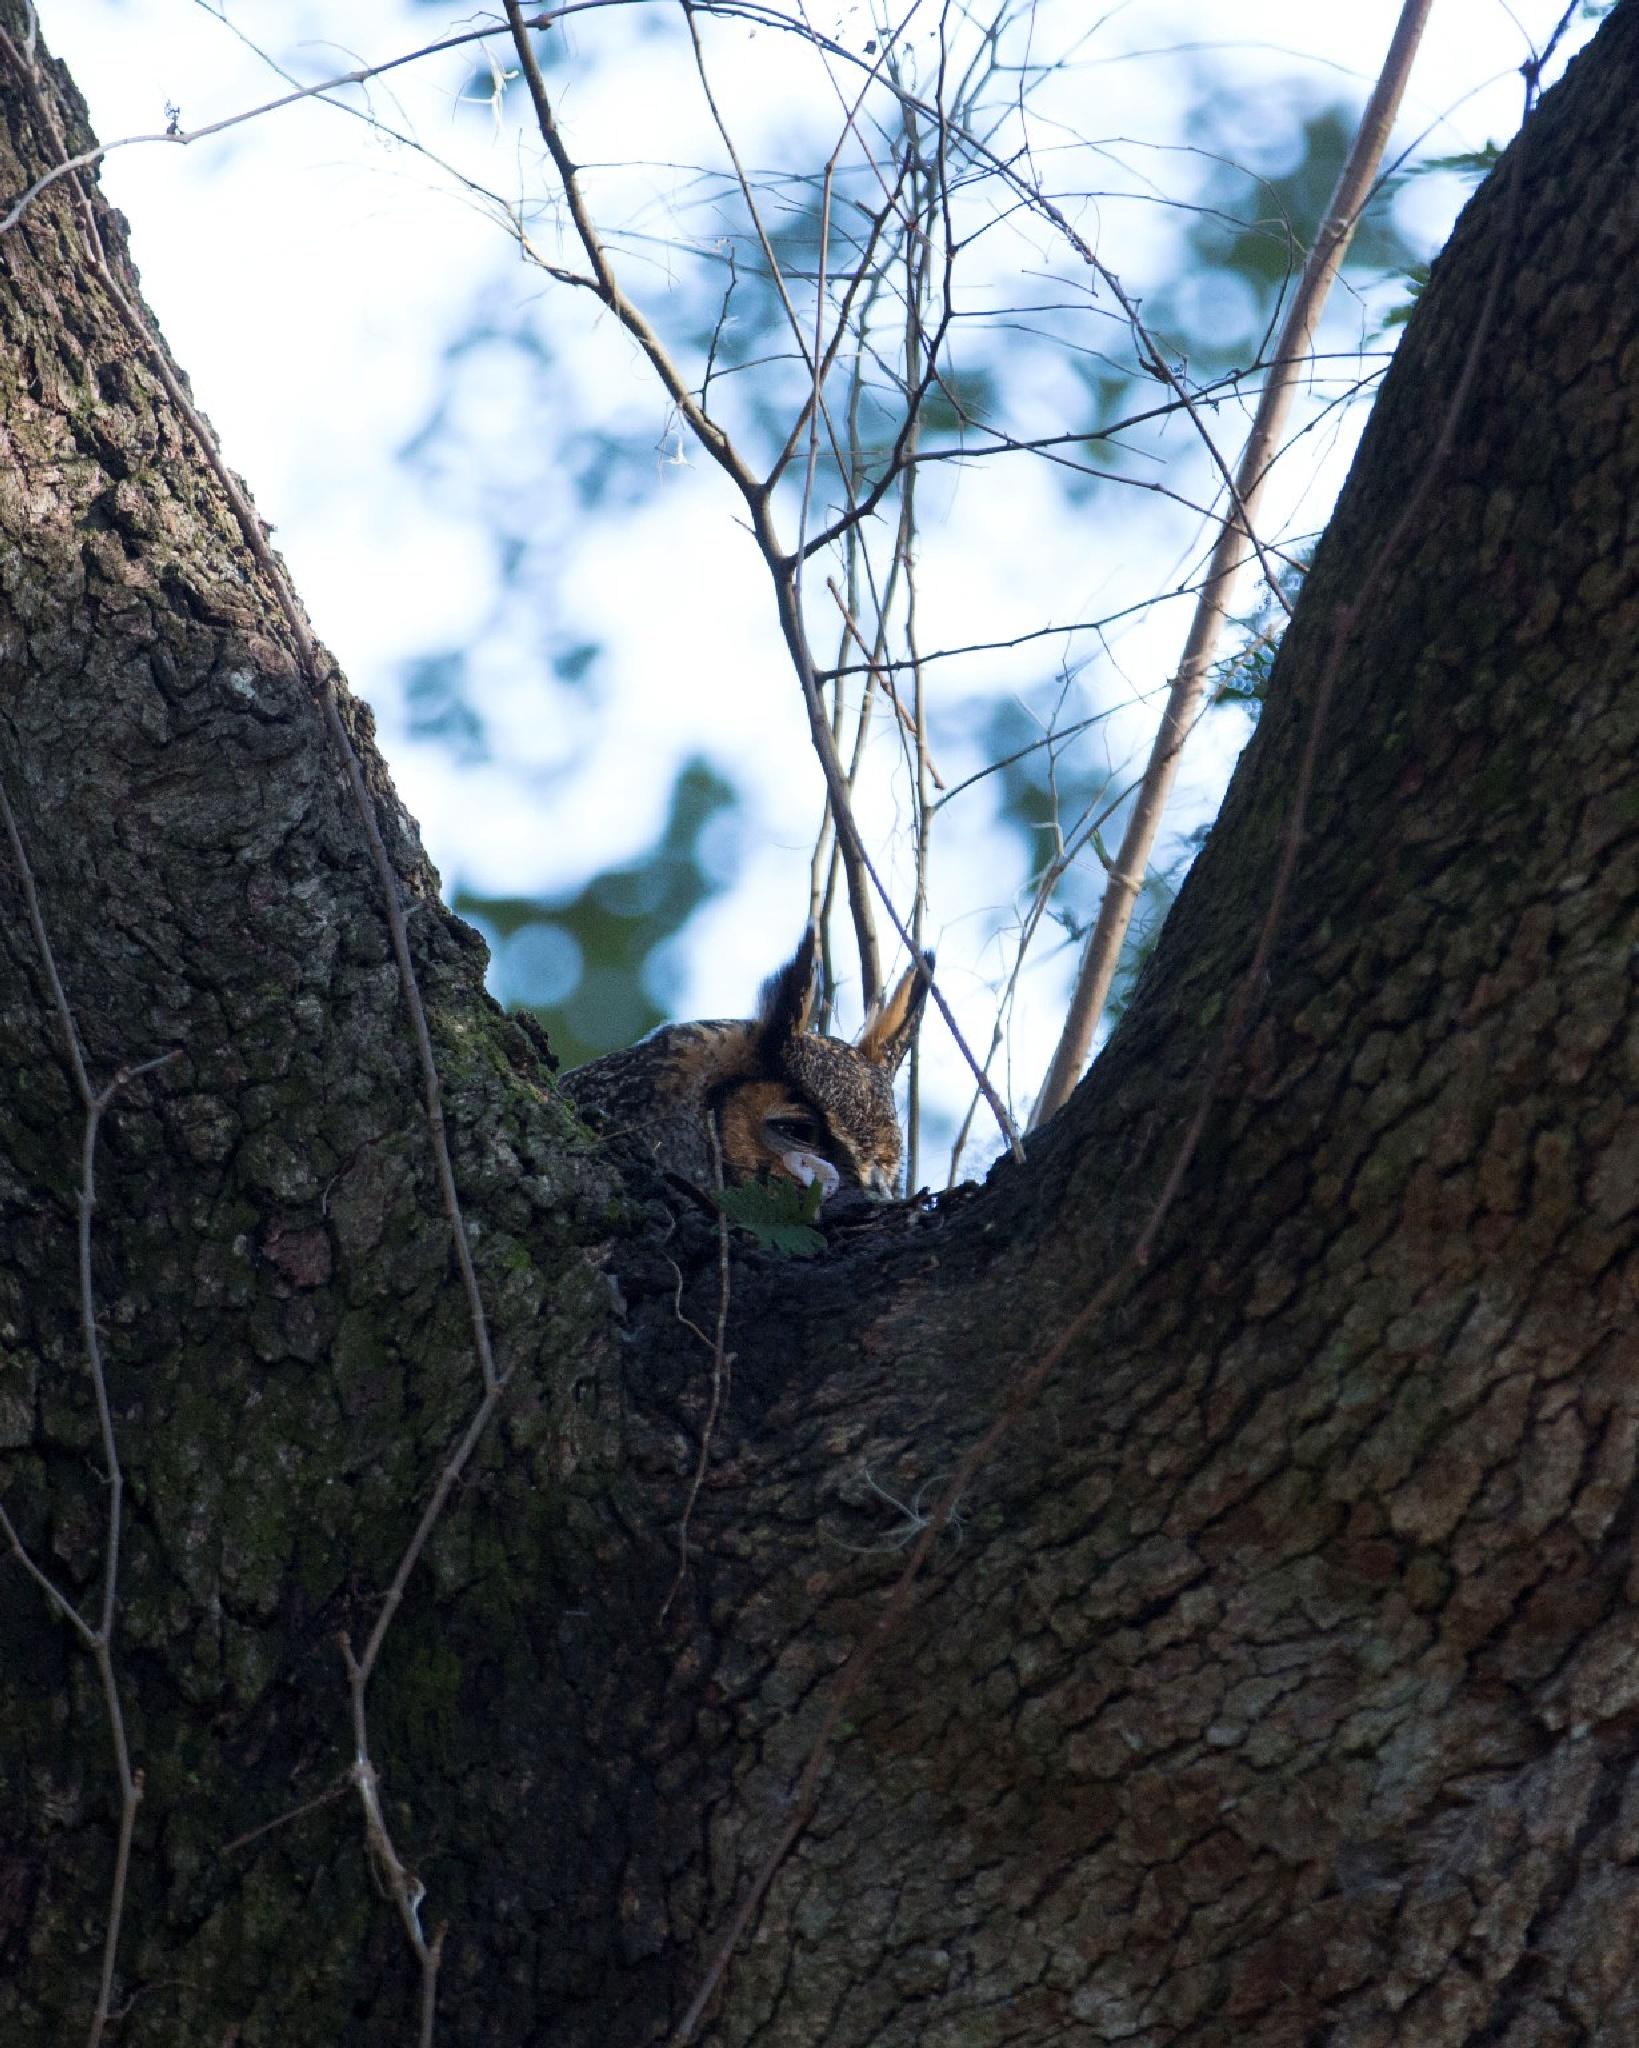 Nesting Owl by lynchjw